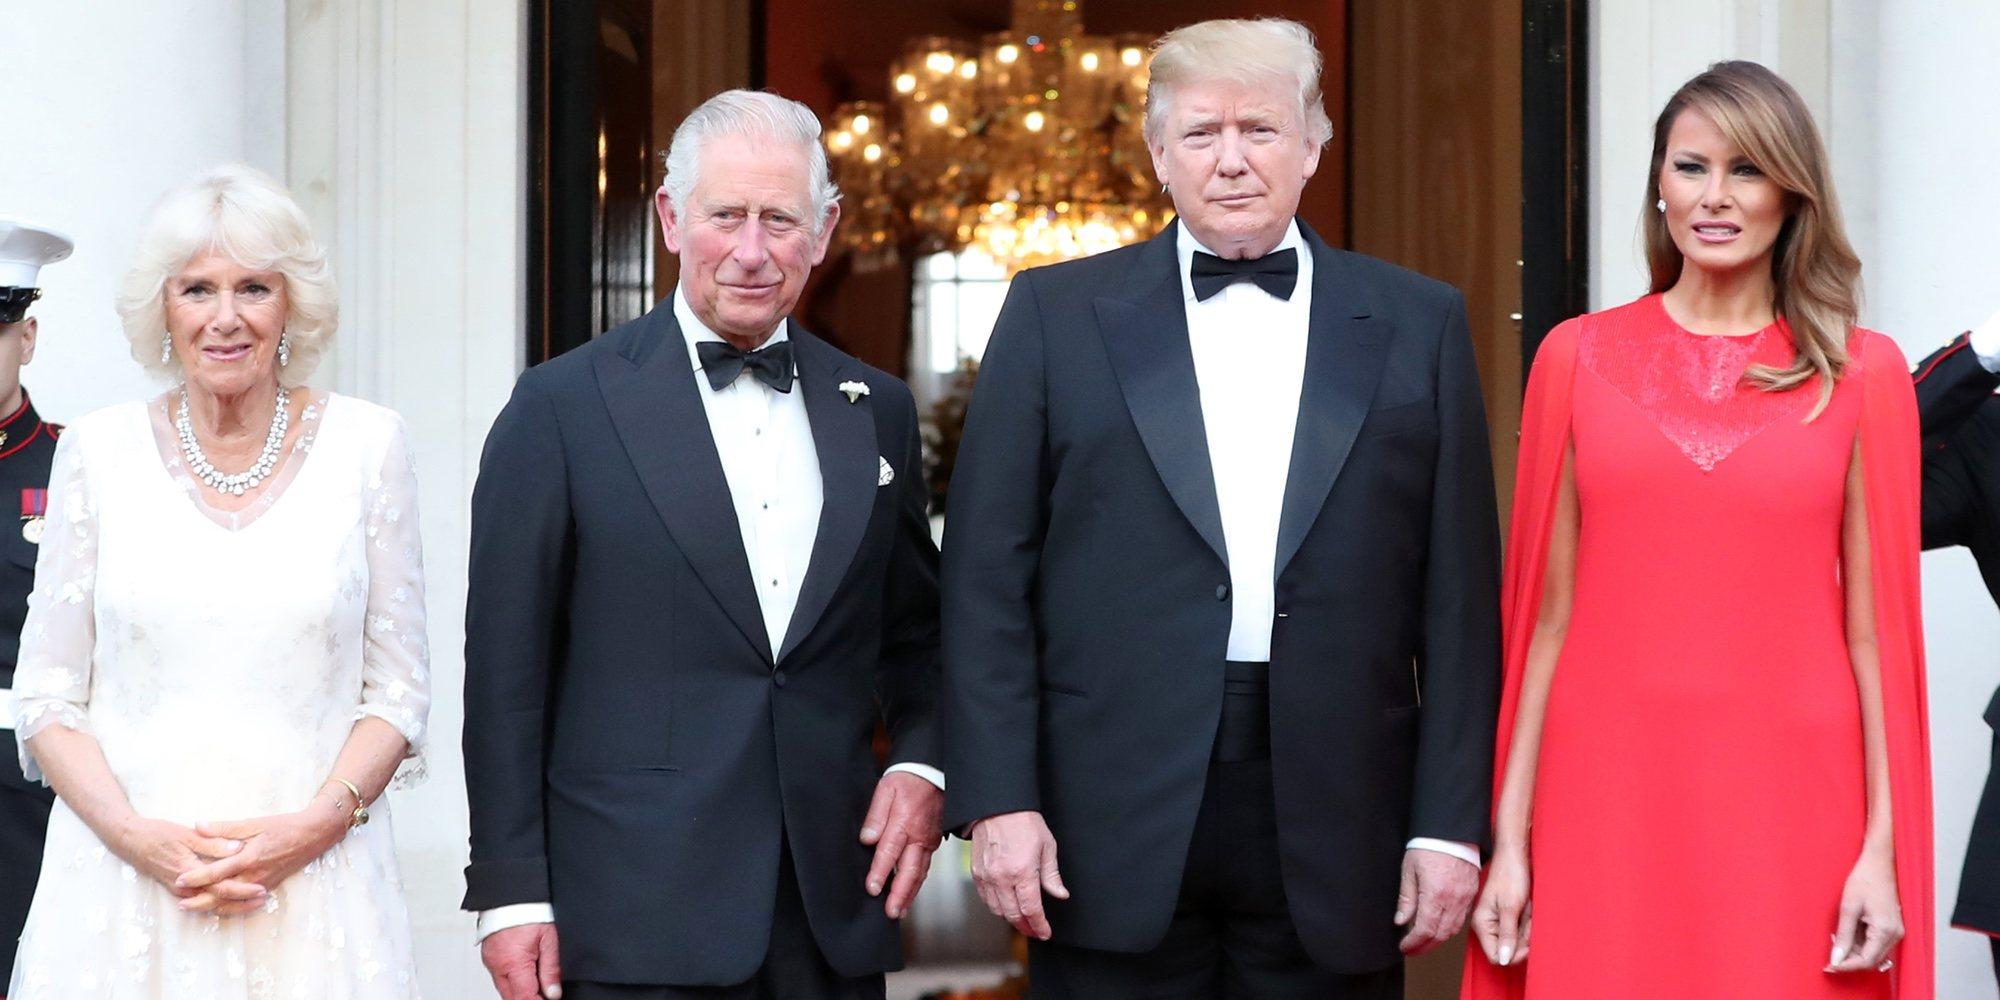 La cena al estilo americano que Donald y Melania Trump ofrecieron al Príncipe Carlos y Camilla Parker